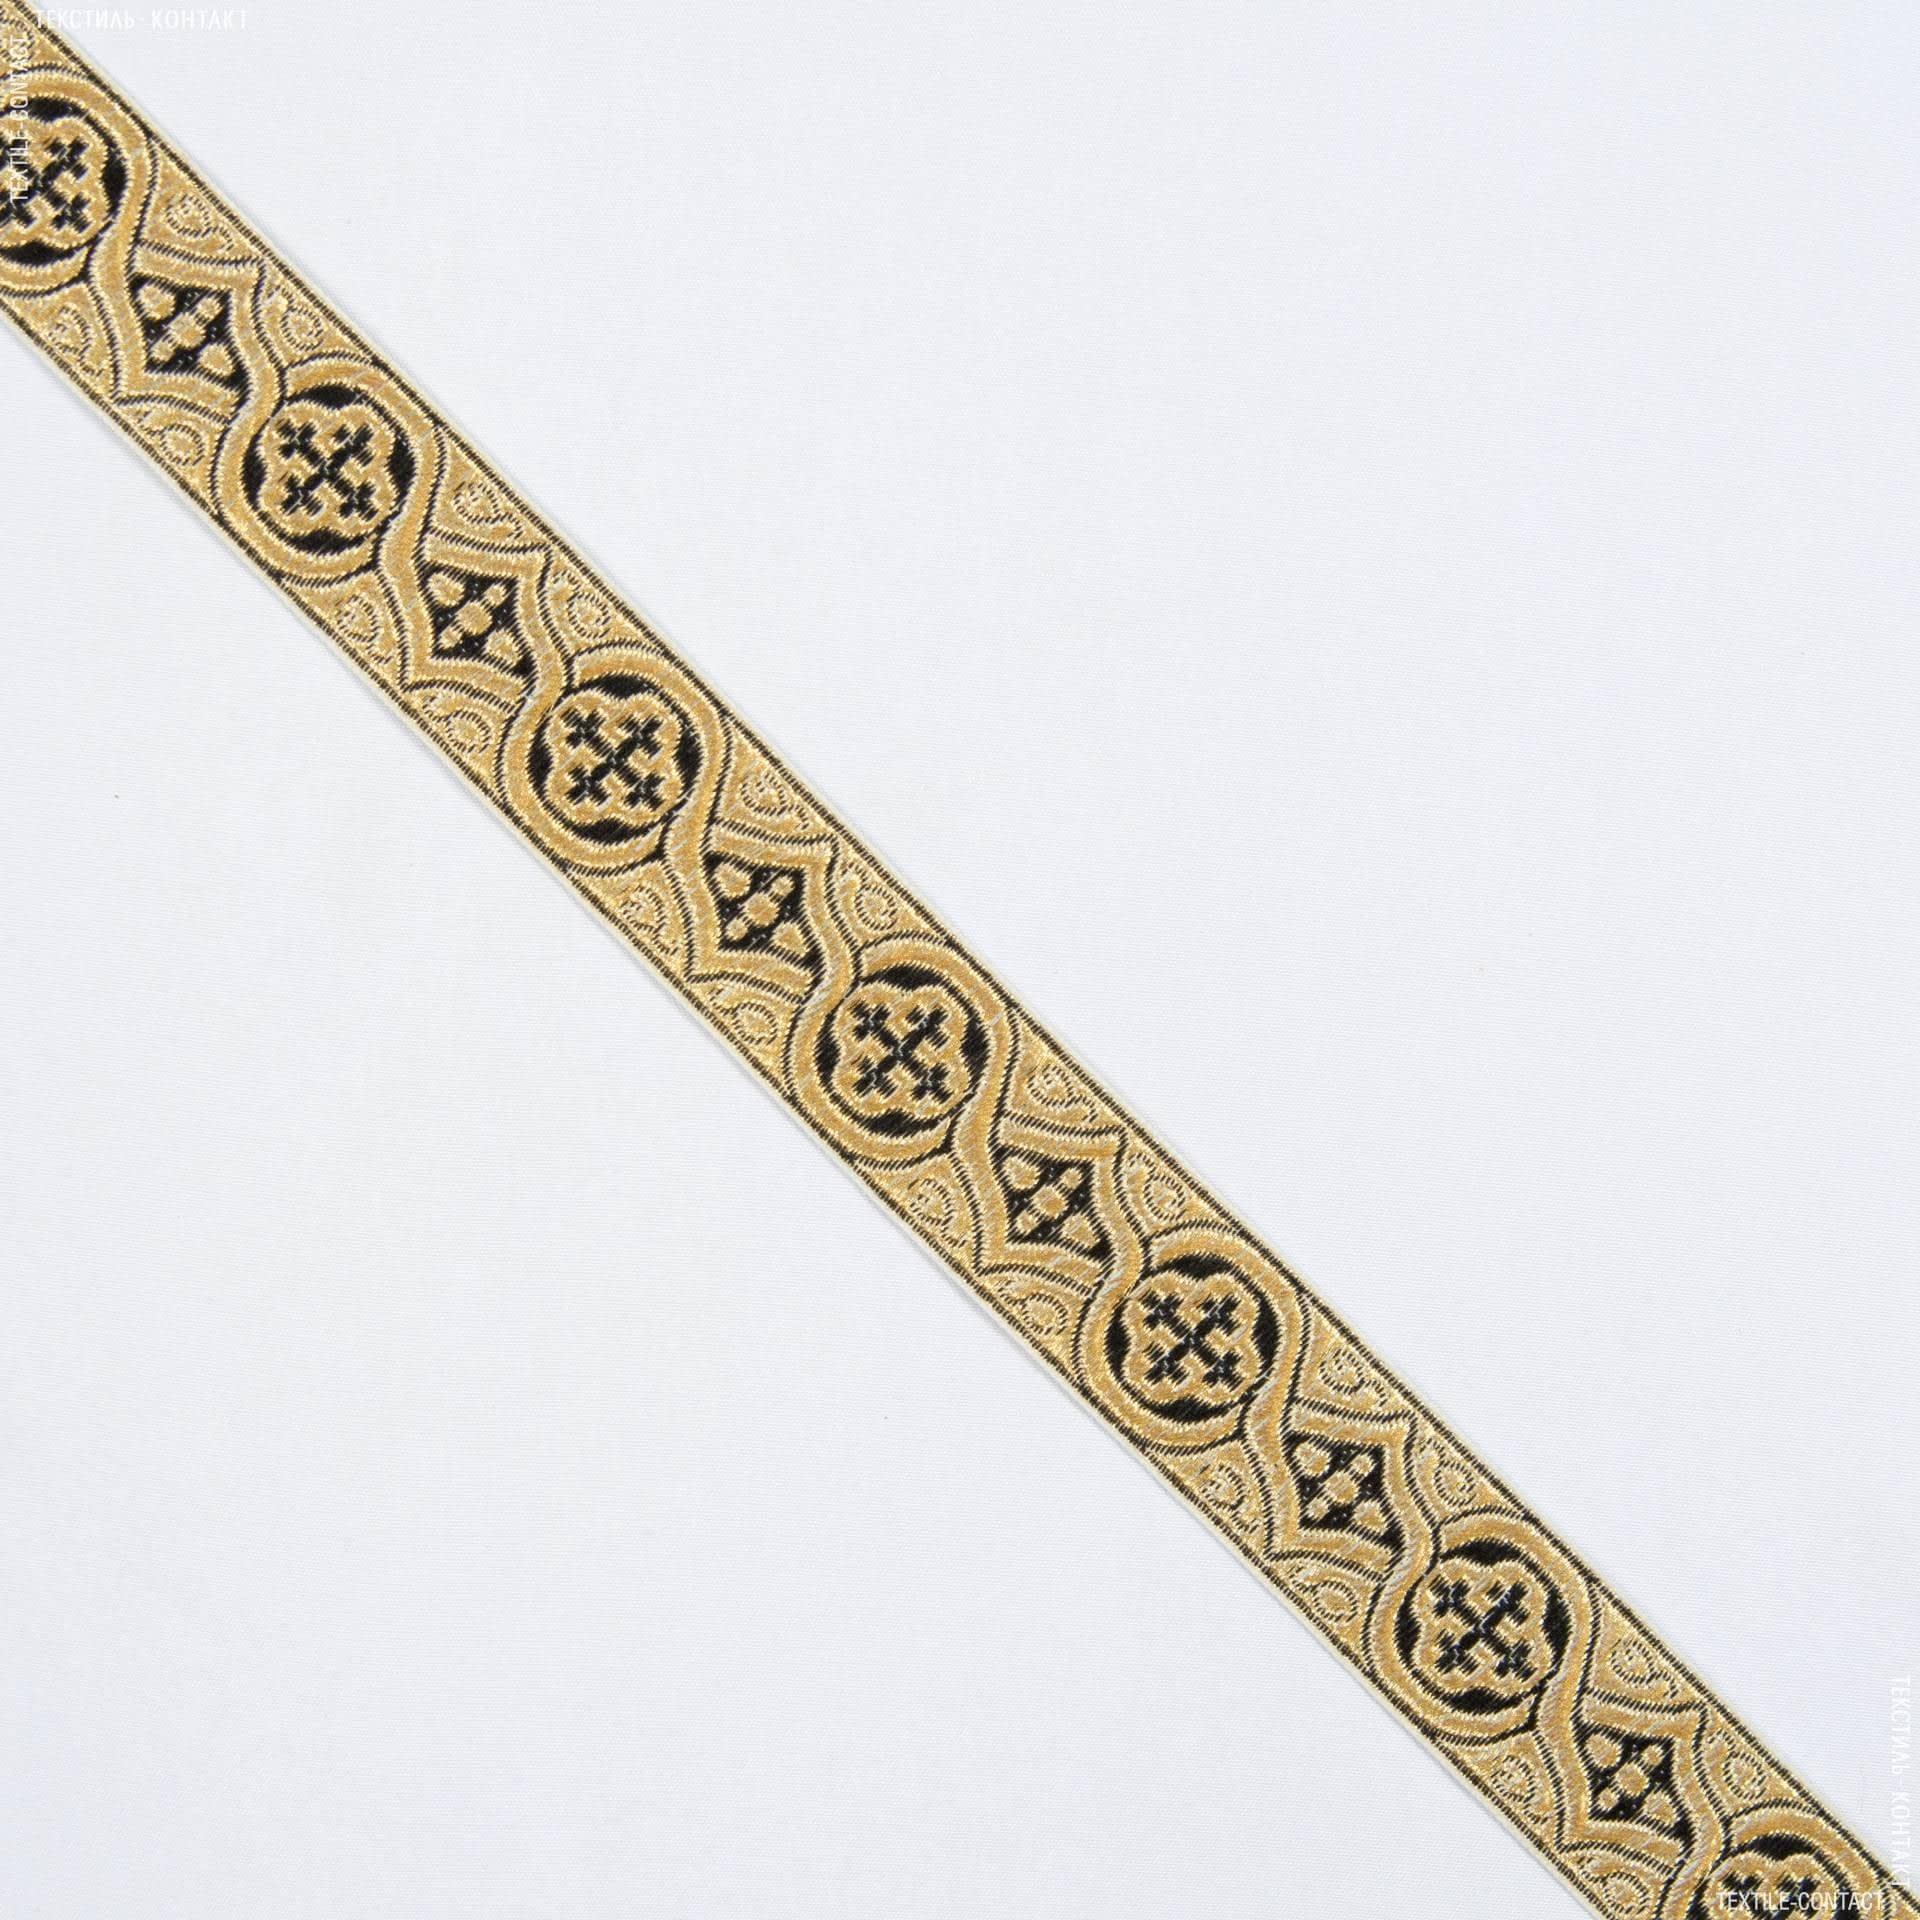 Тканини фурнітура для дома - ТАСЬМА ЦЕРКОВНА МАРІЯ ЧОРНИЙ-ЗОЛОТО 32мм